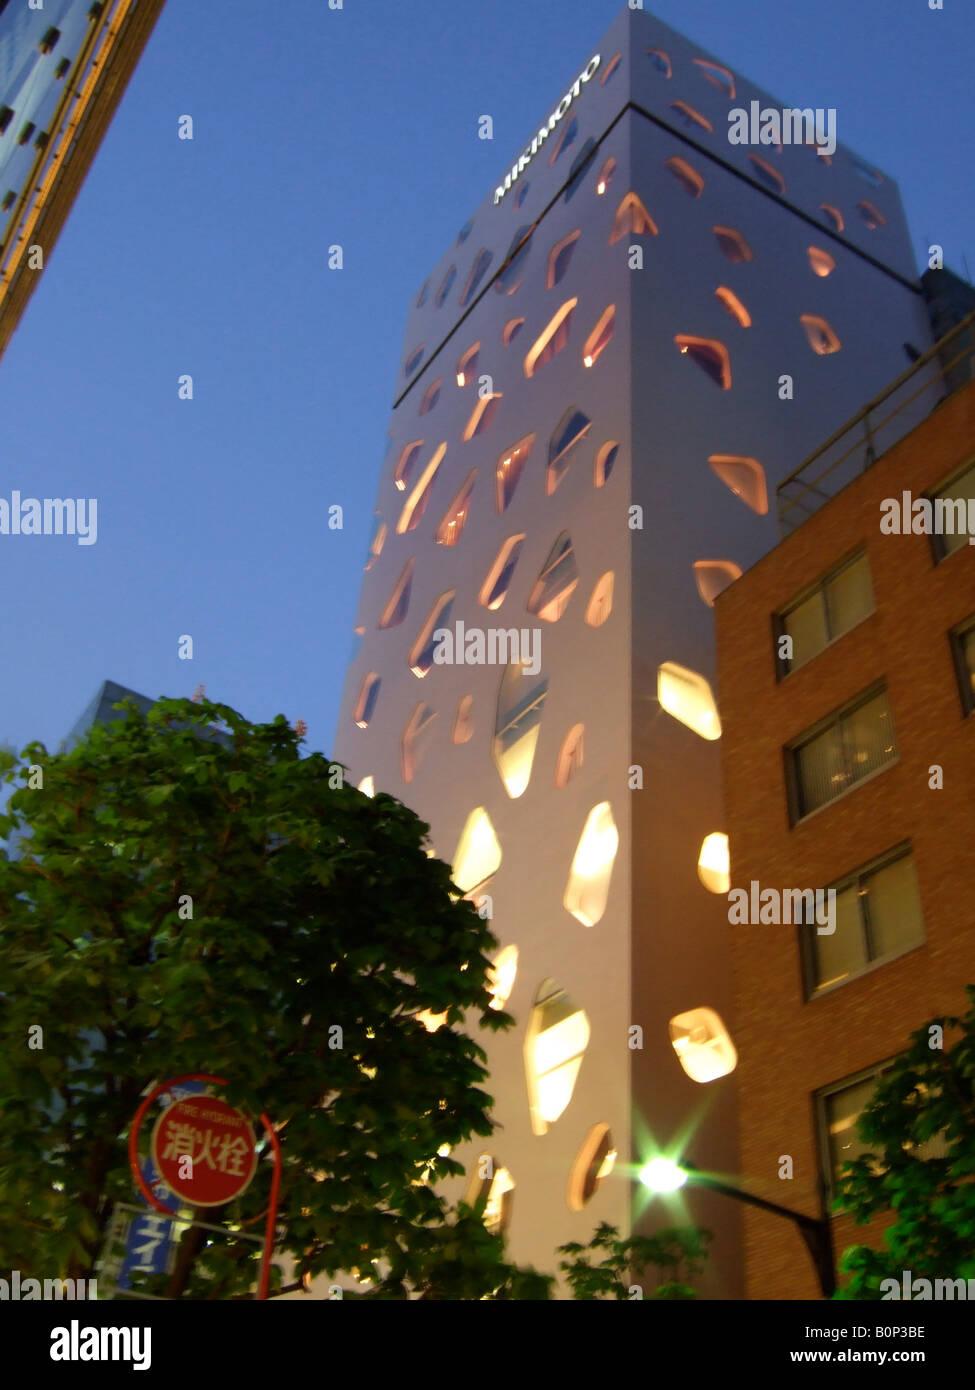 0566be218c74 ... D Images. Agrandir. L immeuble mikimoto à Tokyo